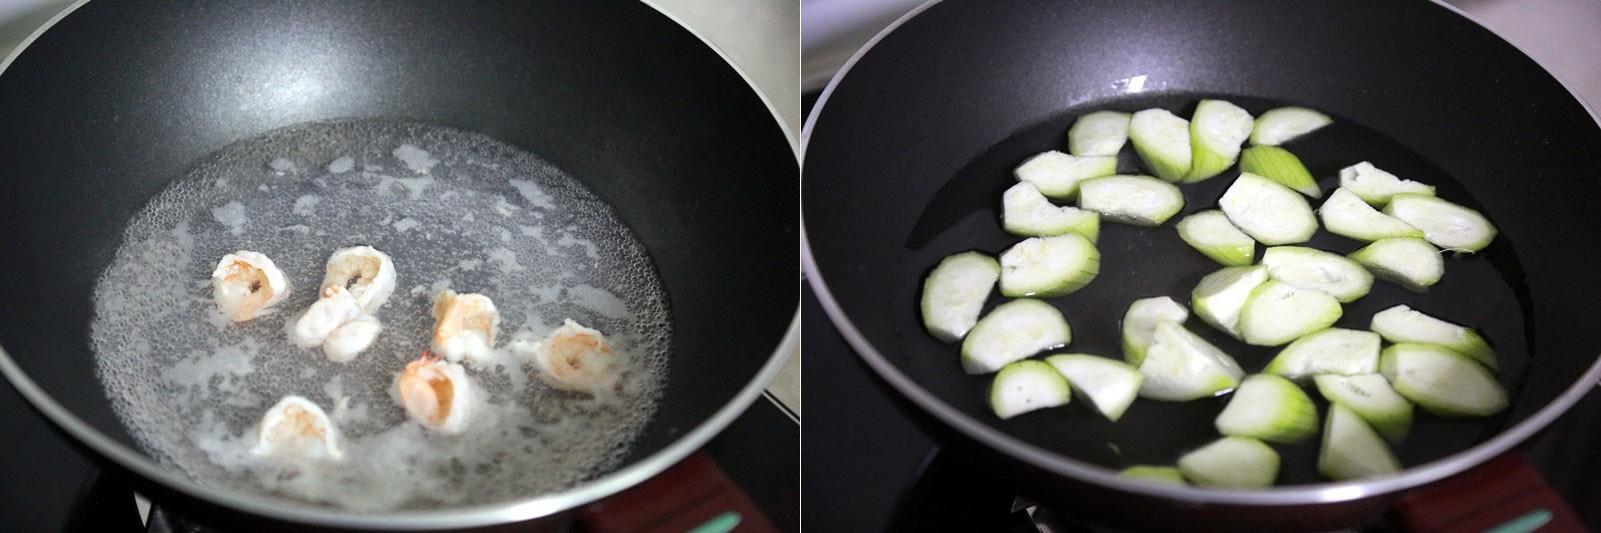 Canh mướp nấu tôm đậu phụ thanh mát ngày hè - Ảnh 3